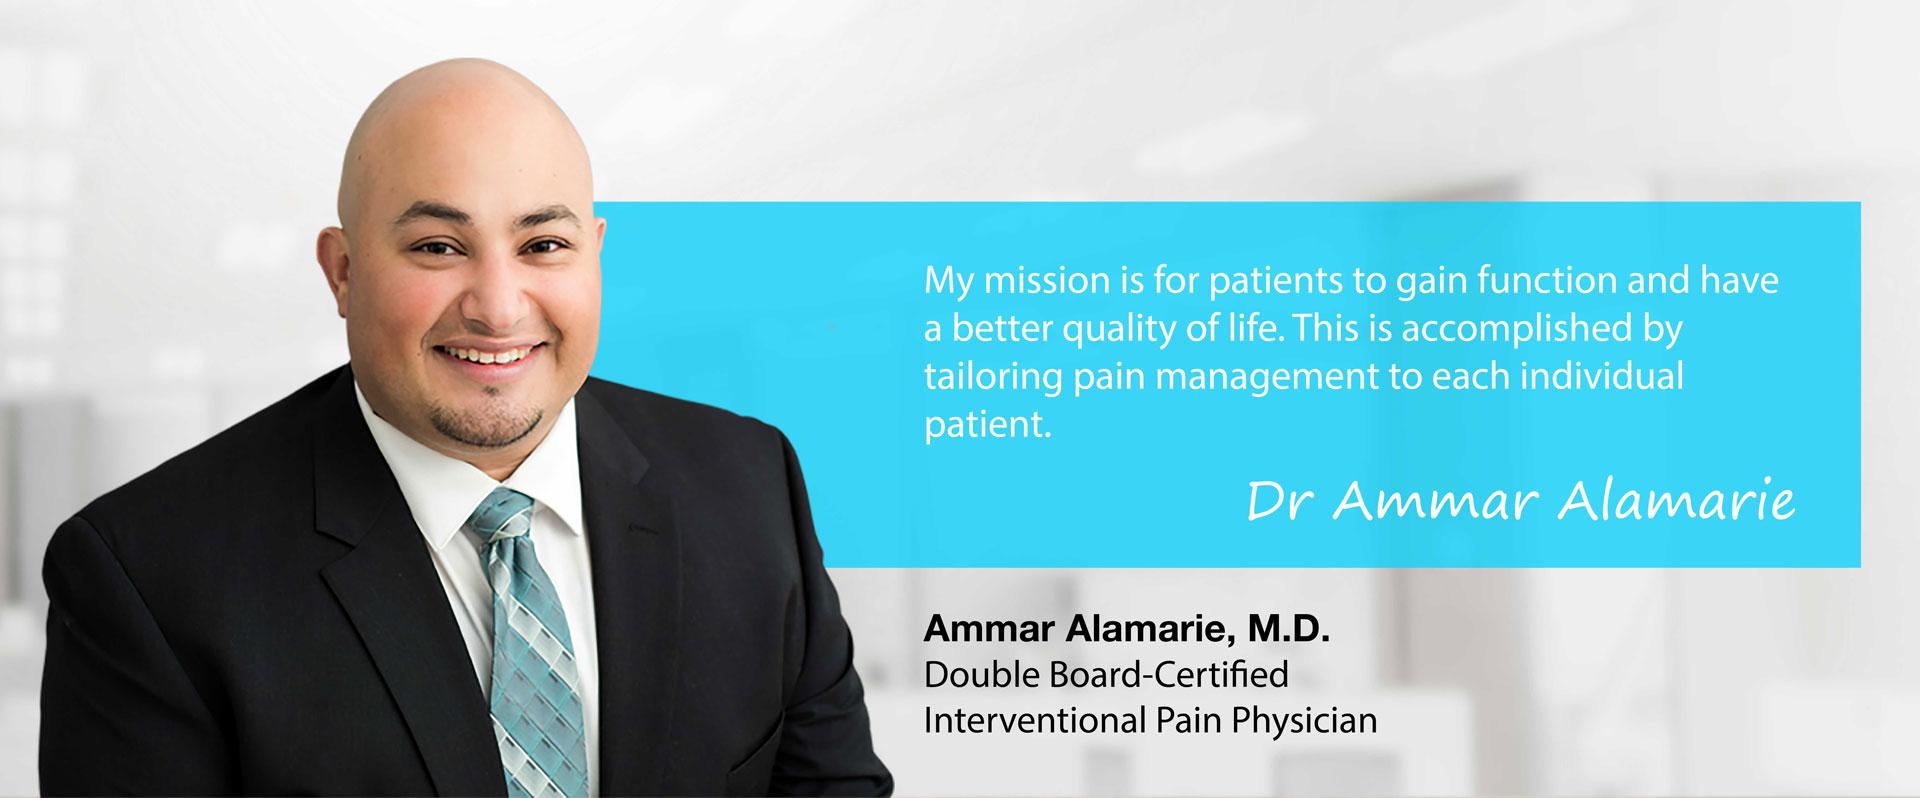 Dr. Ammar Alamarie, MD